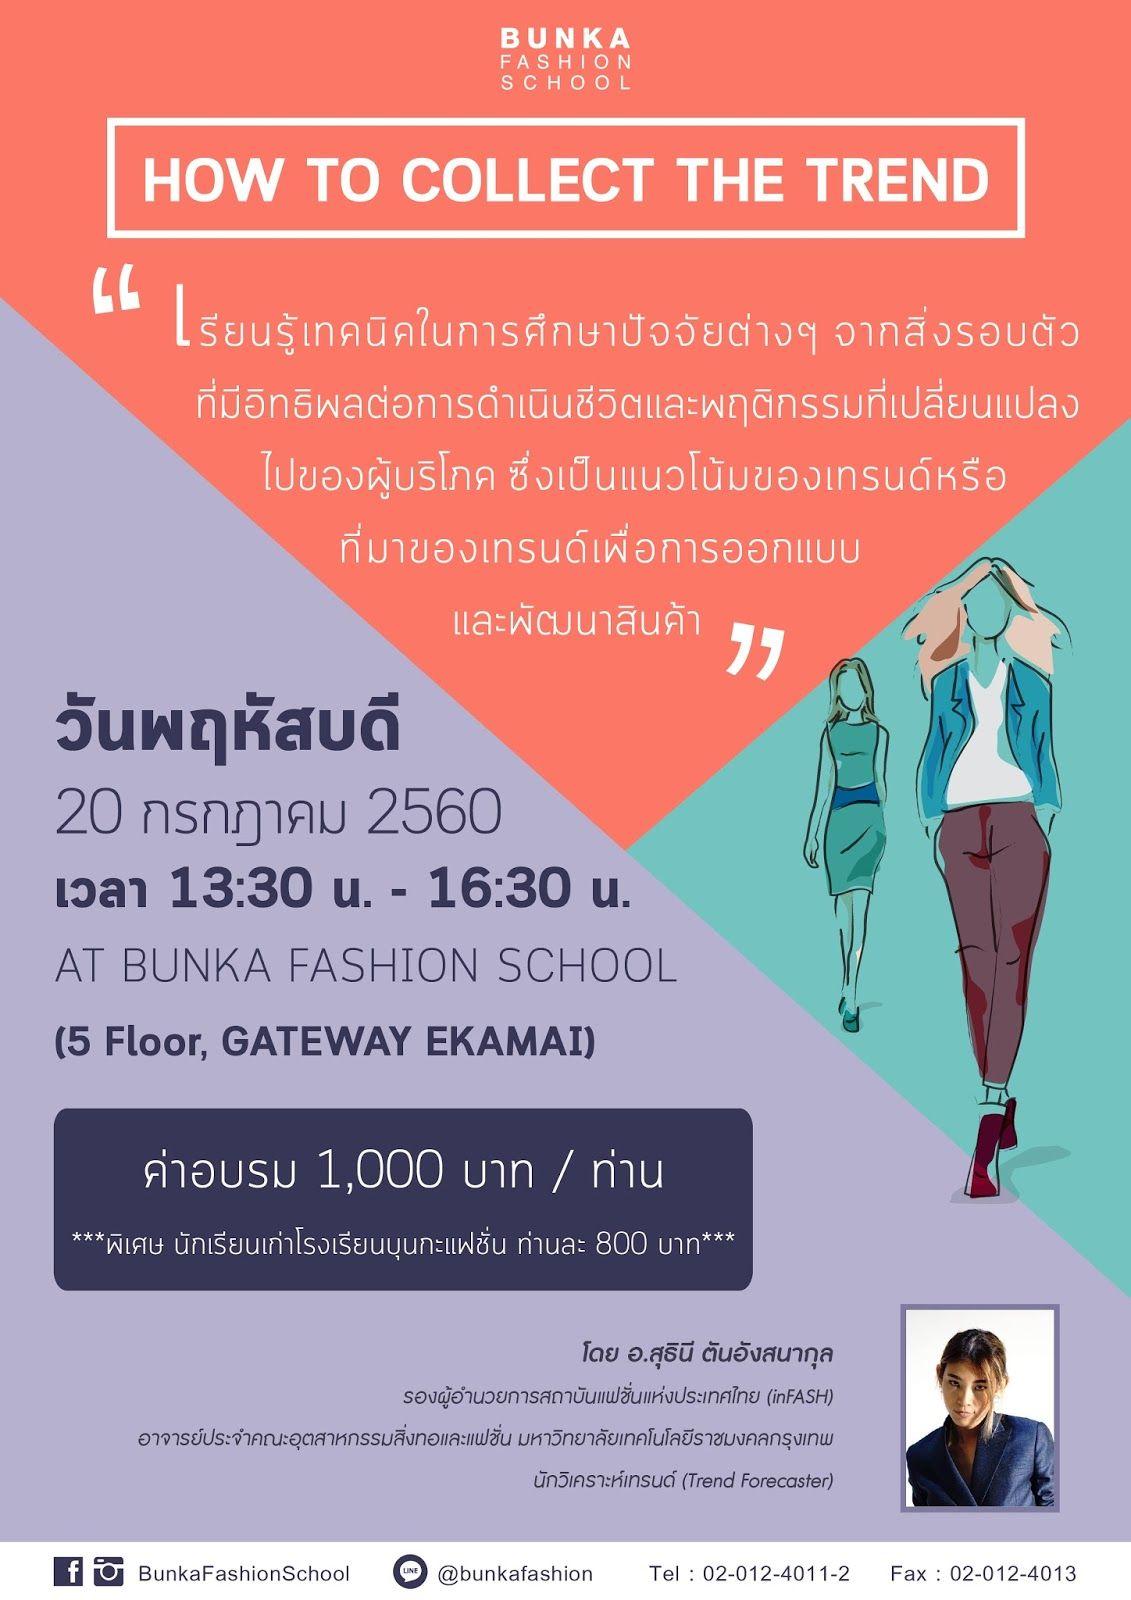 """โรงเรียนบุนกะแฟชั่น (Bunka Fashion School) จัดอบรมหลักสูตร """"How to collect the trend"""" - http://www.thaimediapr.com/%e0%b9%82%e0%b8%a3%e0%b8%87%e0%b9%80%e0%b8%a3%e0%b8%b5%e0%b8%a2%e0%b8%99%e0%b8%9a%e0%b8%b8%e0%b8%99%e0%b8%81%e0%b8%b0%e0%b9%81%e0%b8%9f%e0%b8%8a%e0%b8%b1%e0%b9%88%e0%b8%99-bunka-fashion-school/   #ประชาสัมพันธ์ #ข่าวประชาสัมพันธ์"""